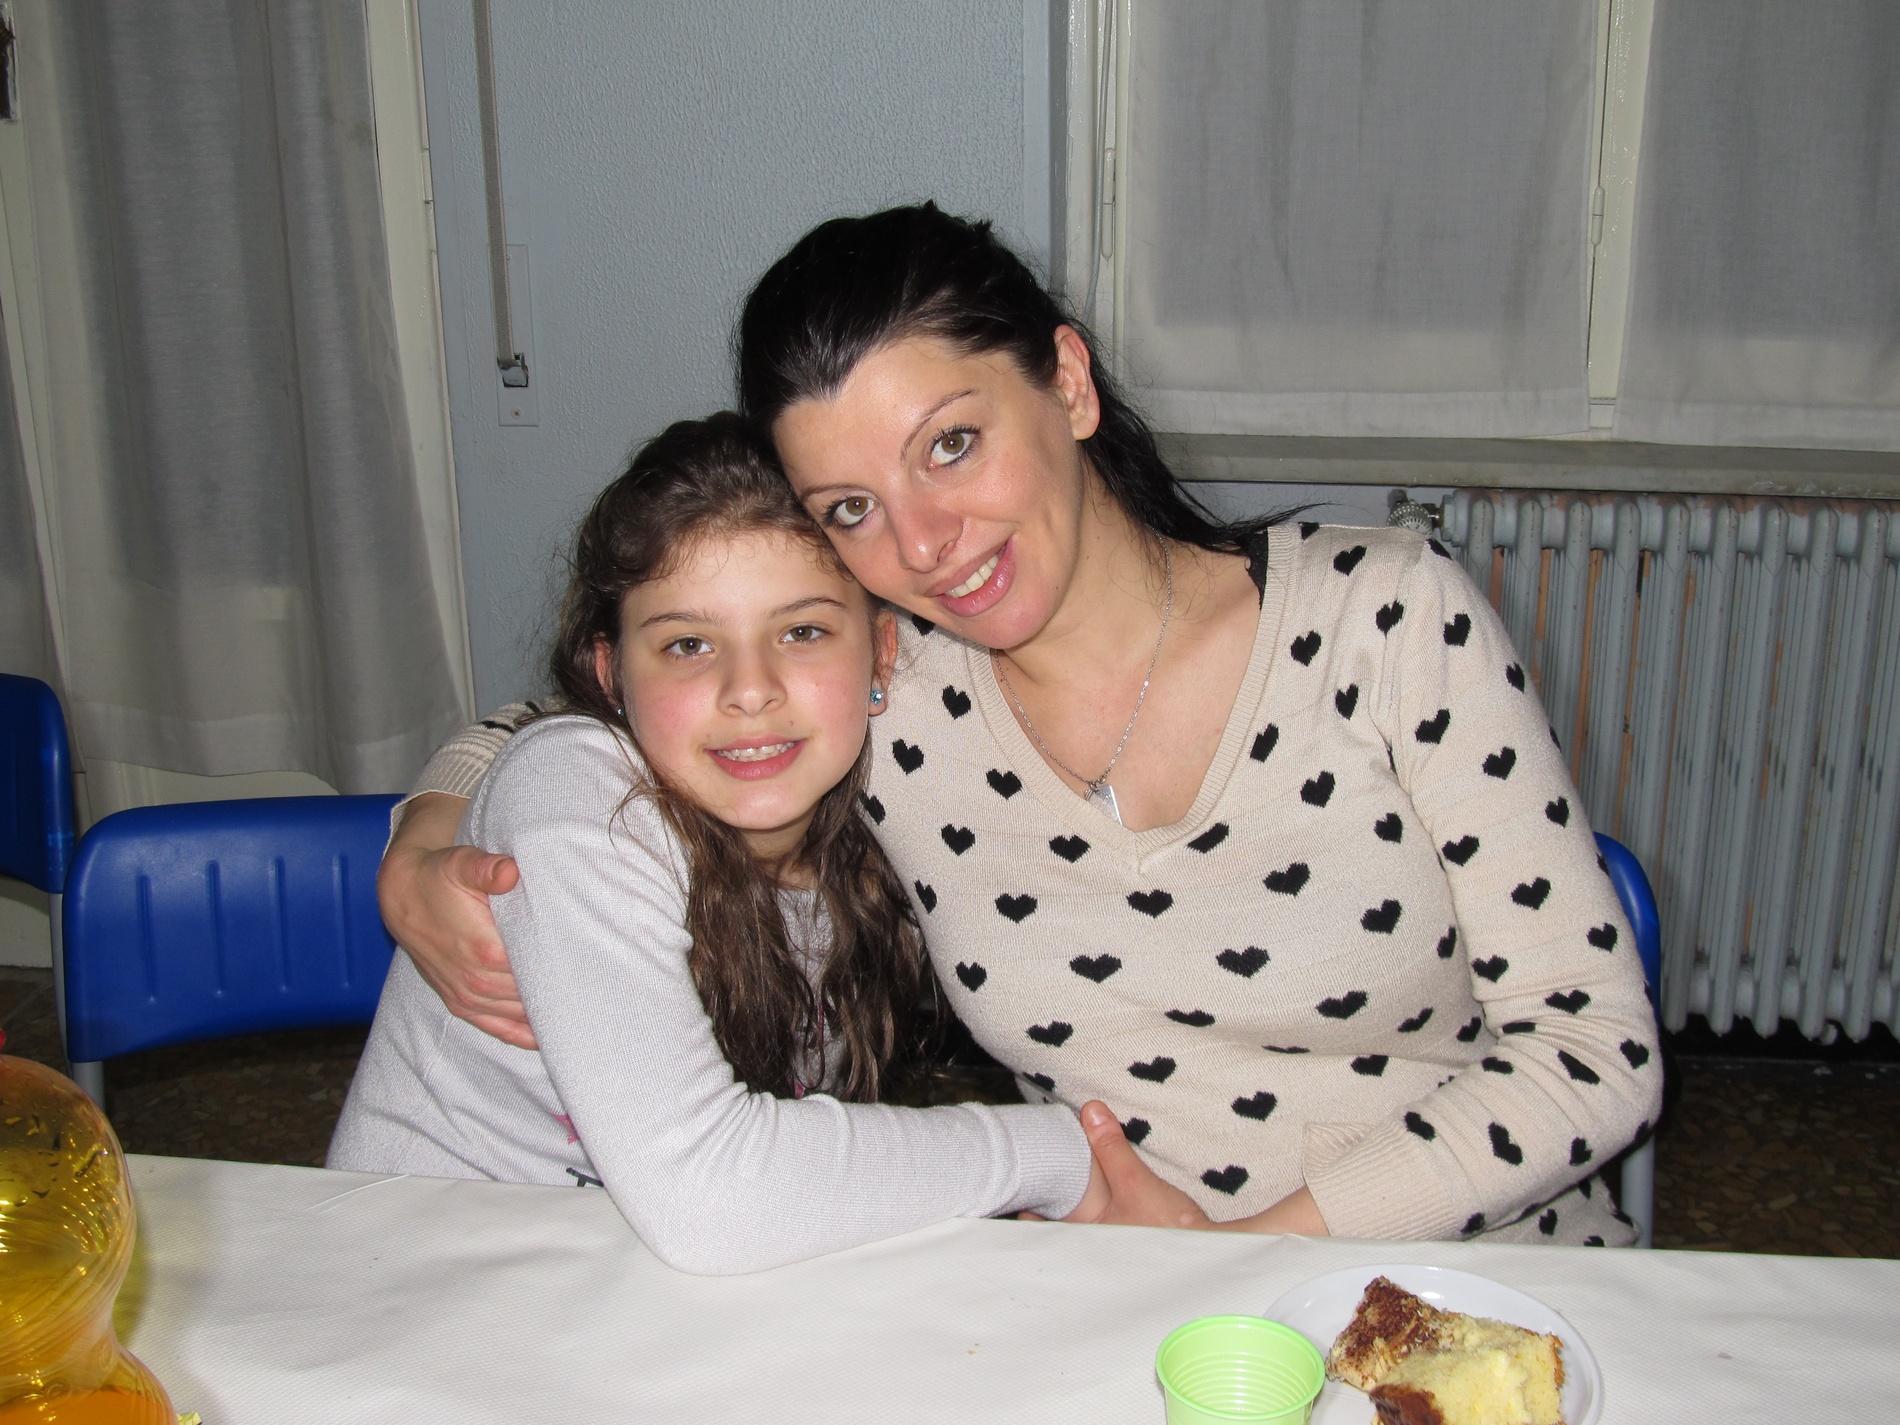 cena-famiglie-prima-comunione-2015-04-17-21-05-39_0